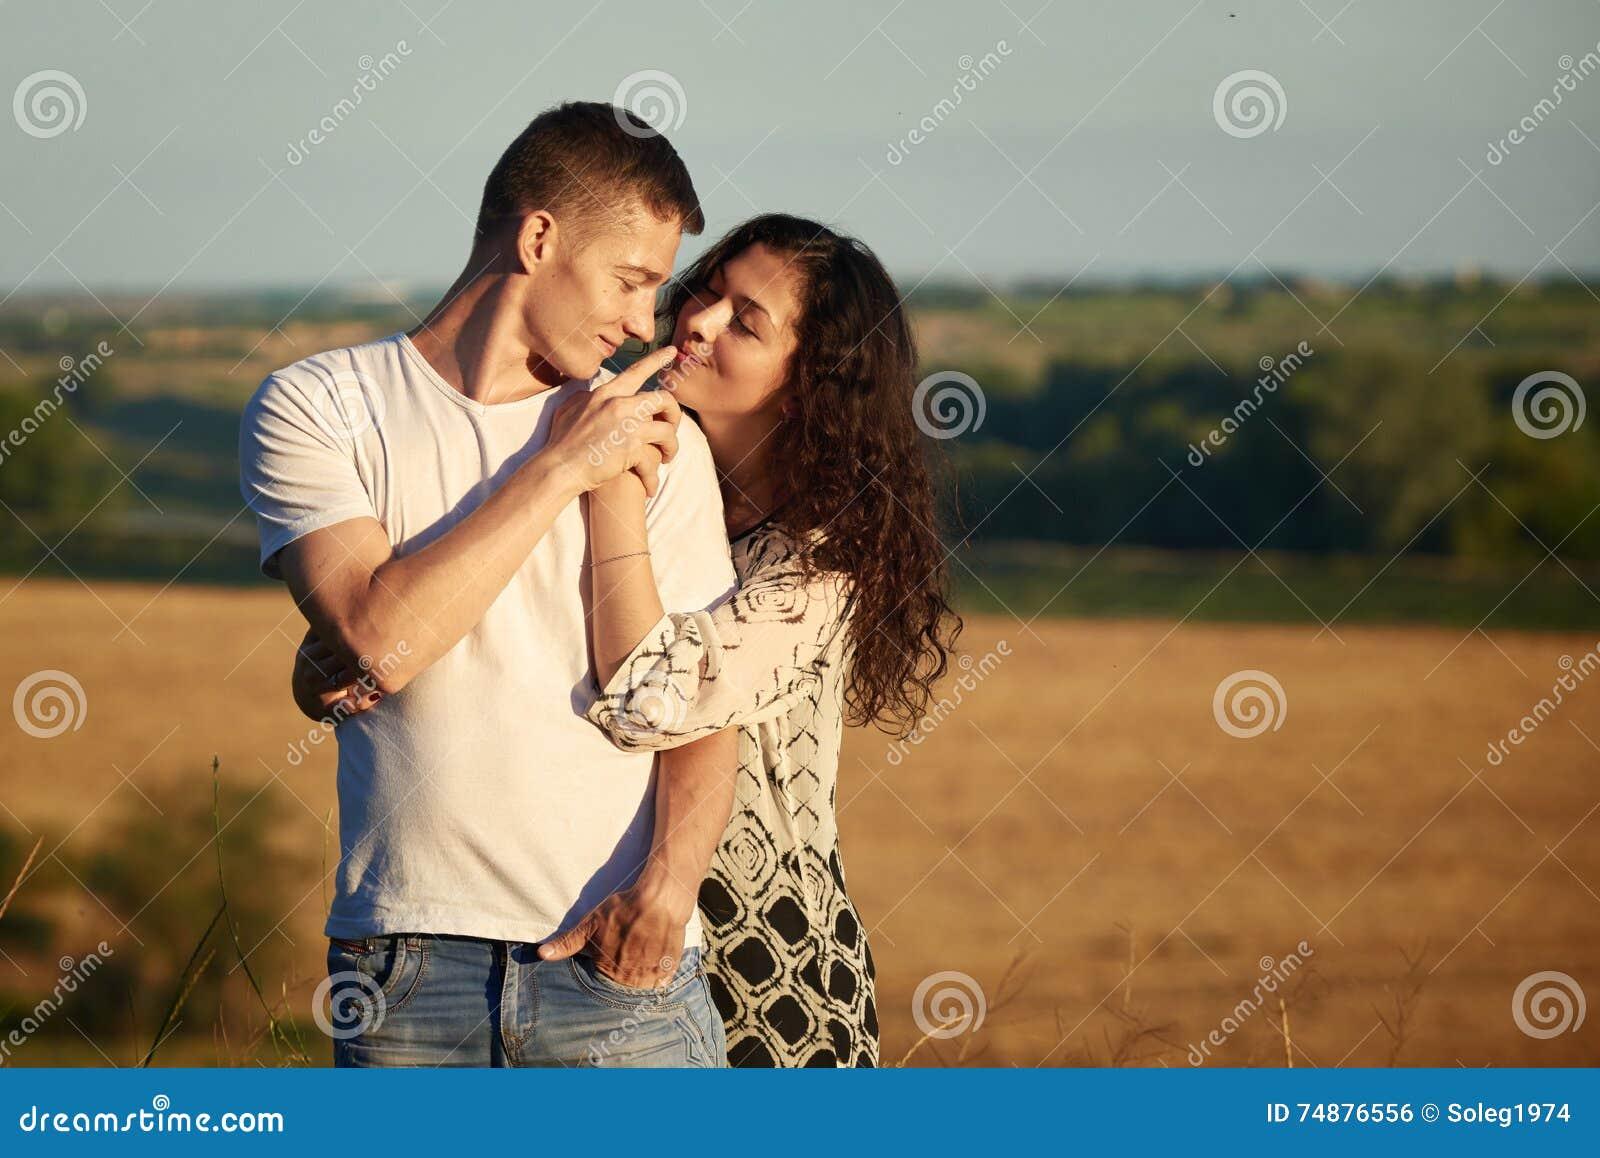 Gelukkige jonge paar stellende hoogte op land openlucht over geel gebied, romantisch mensenconcept, zomer